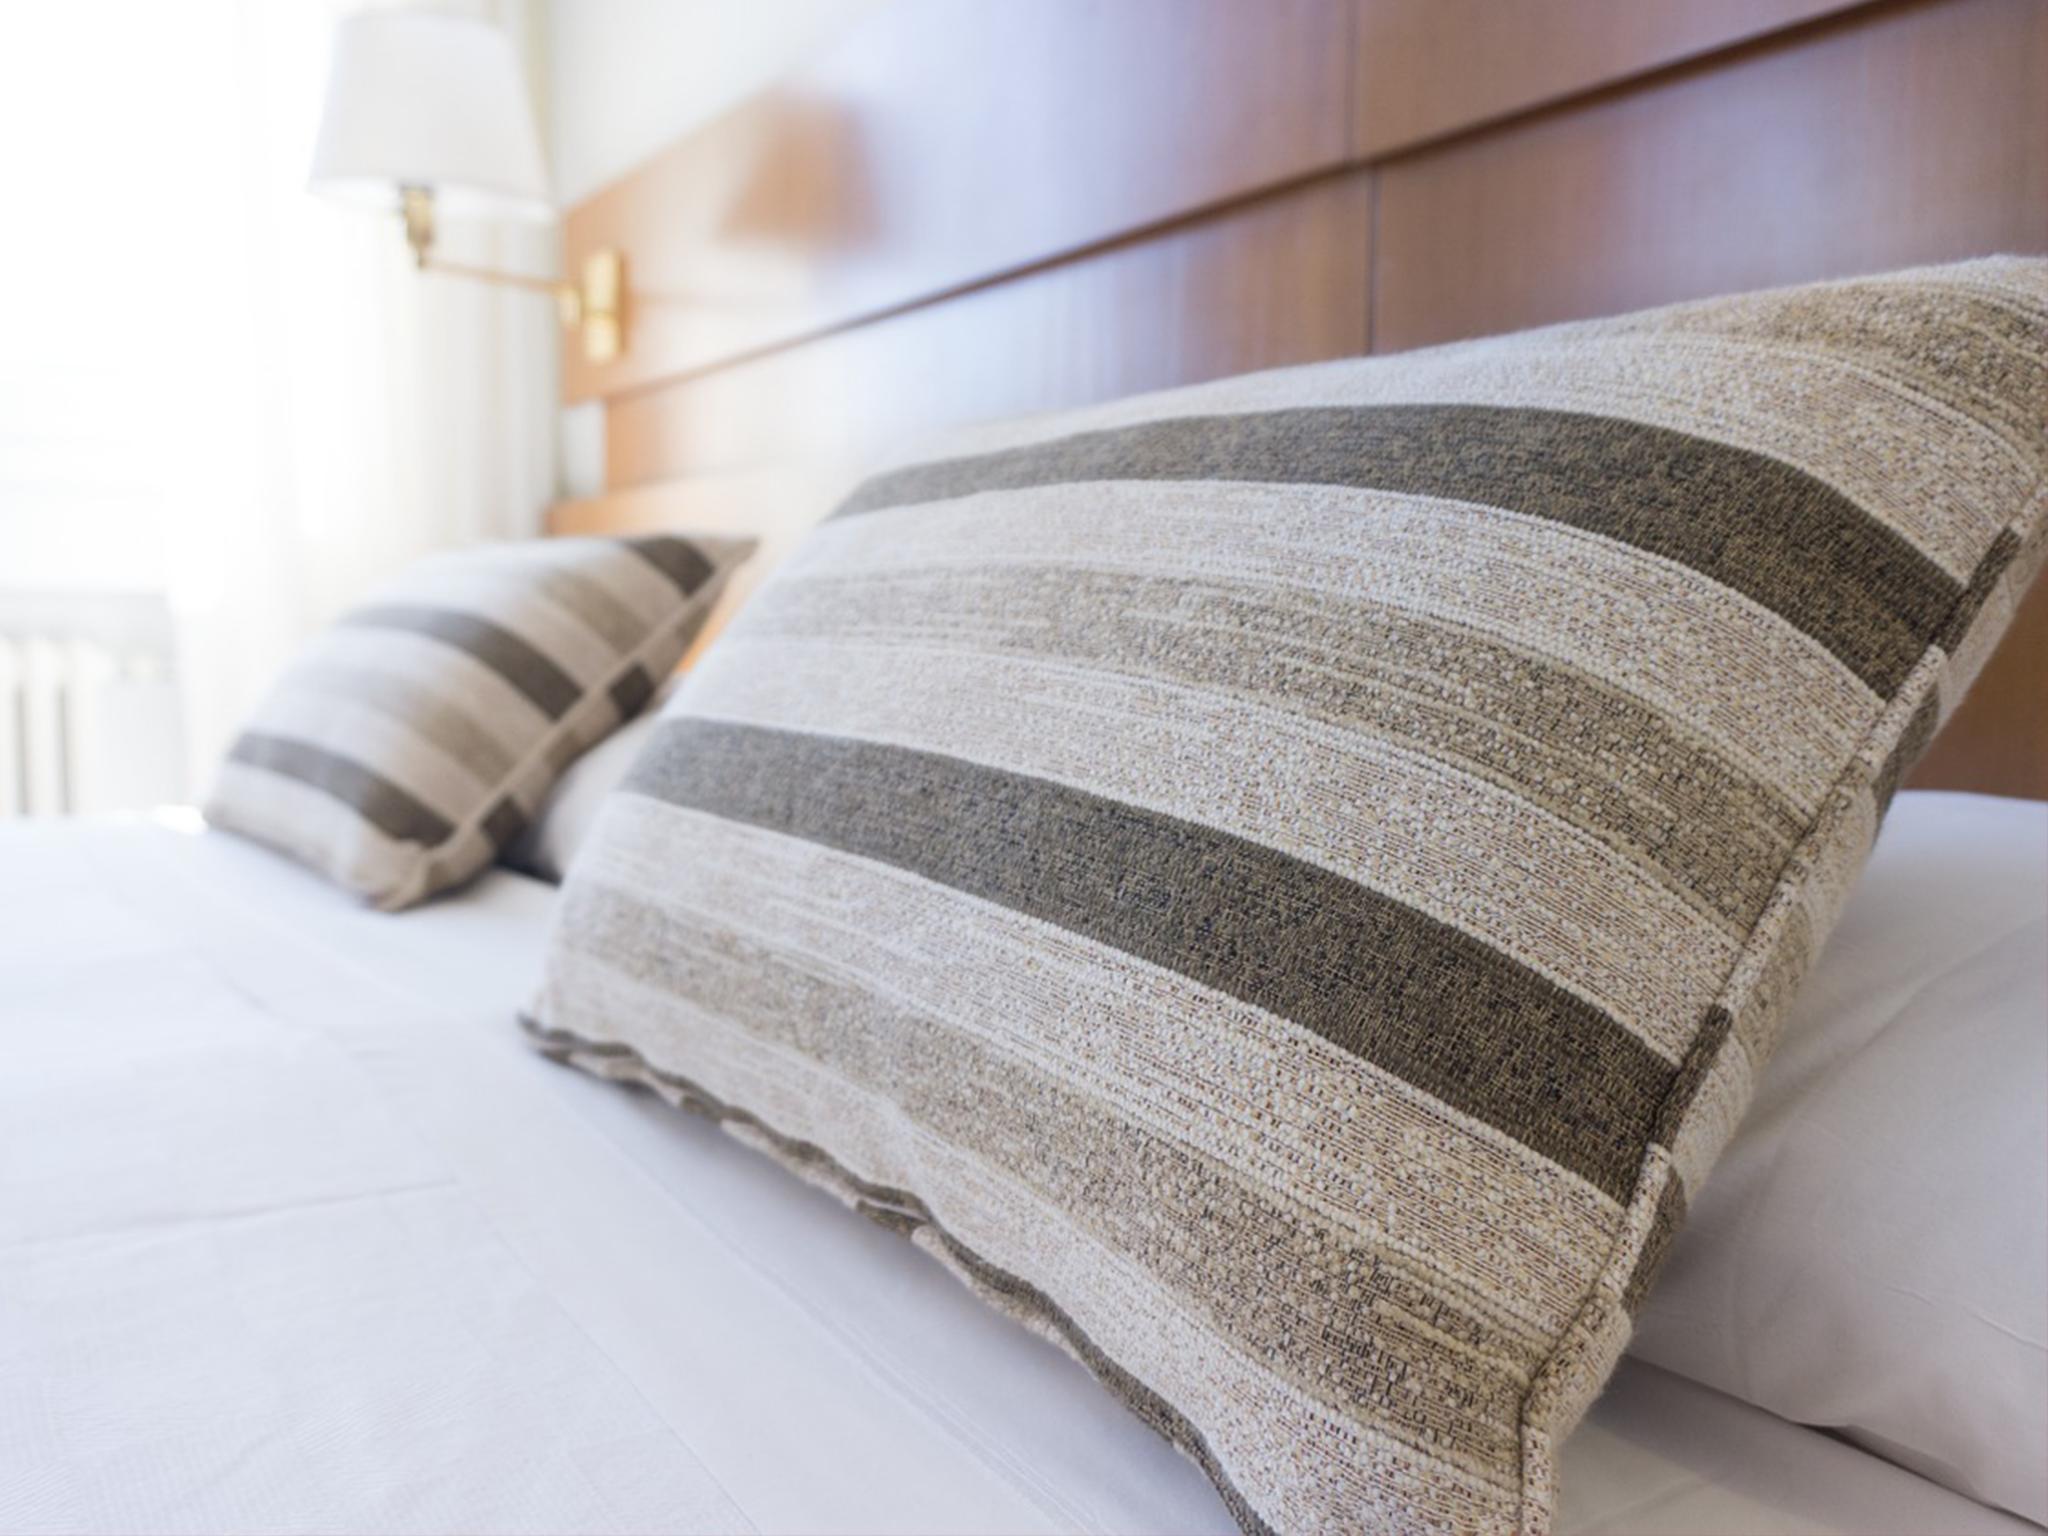 Slaapcomfort en lage rugklachten